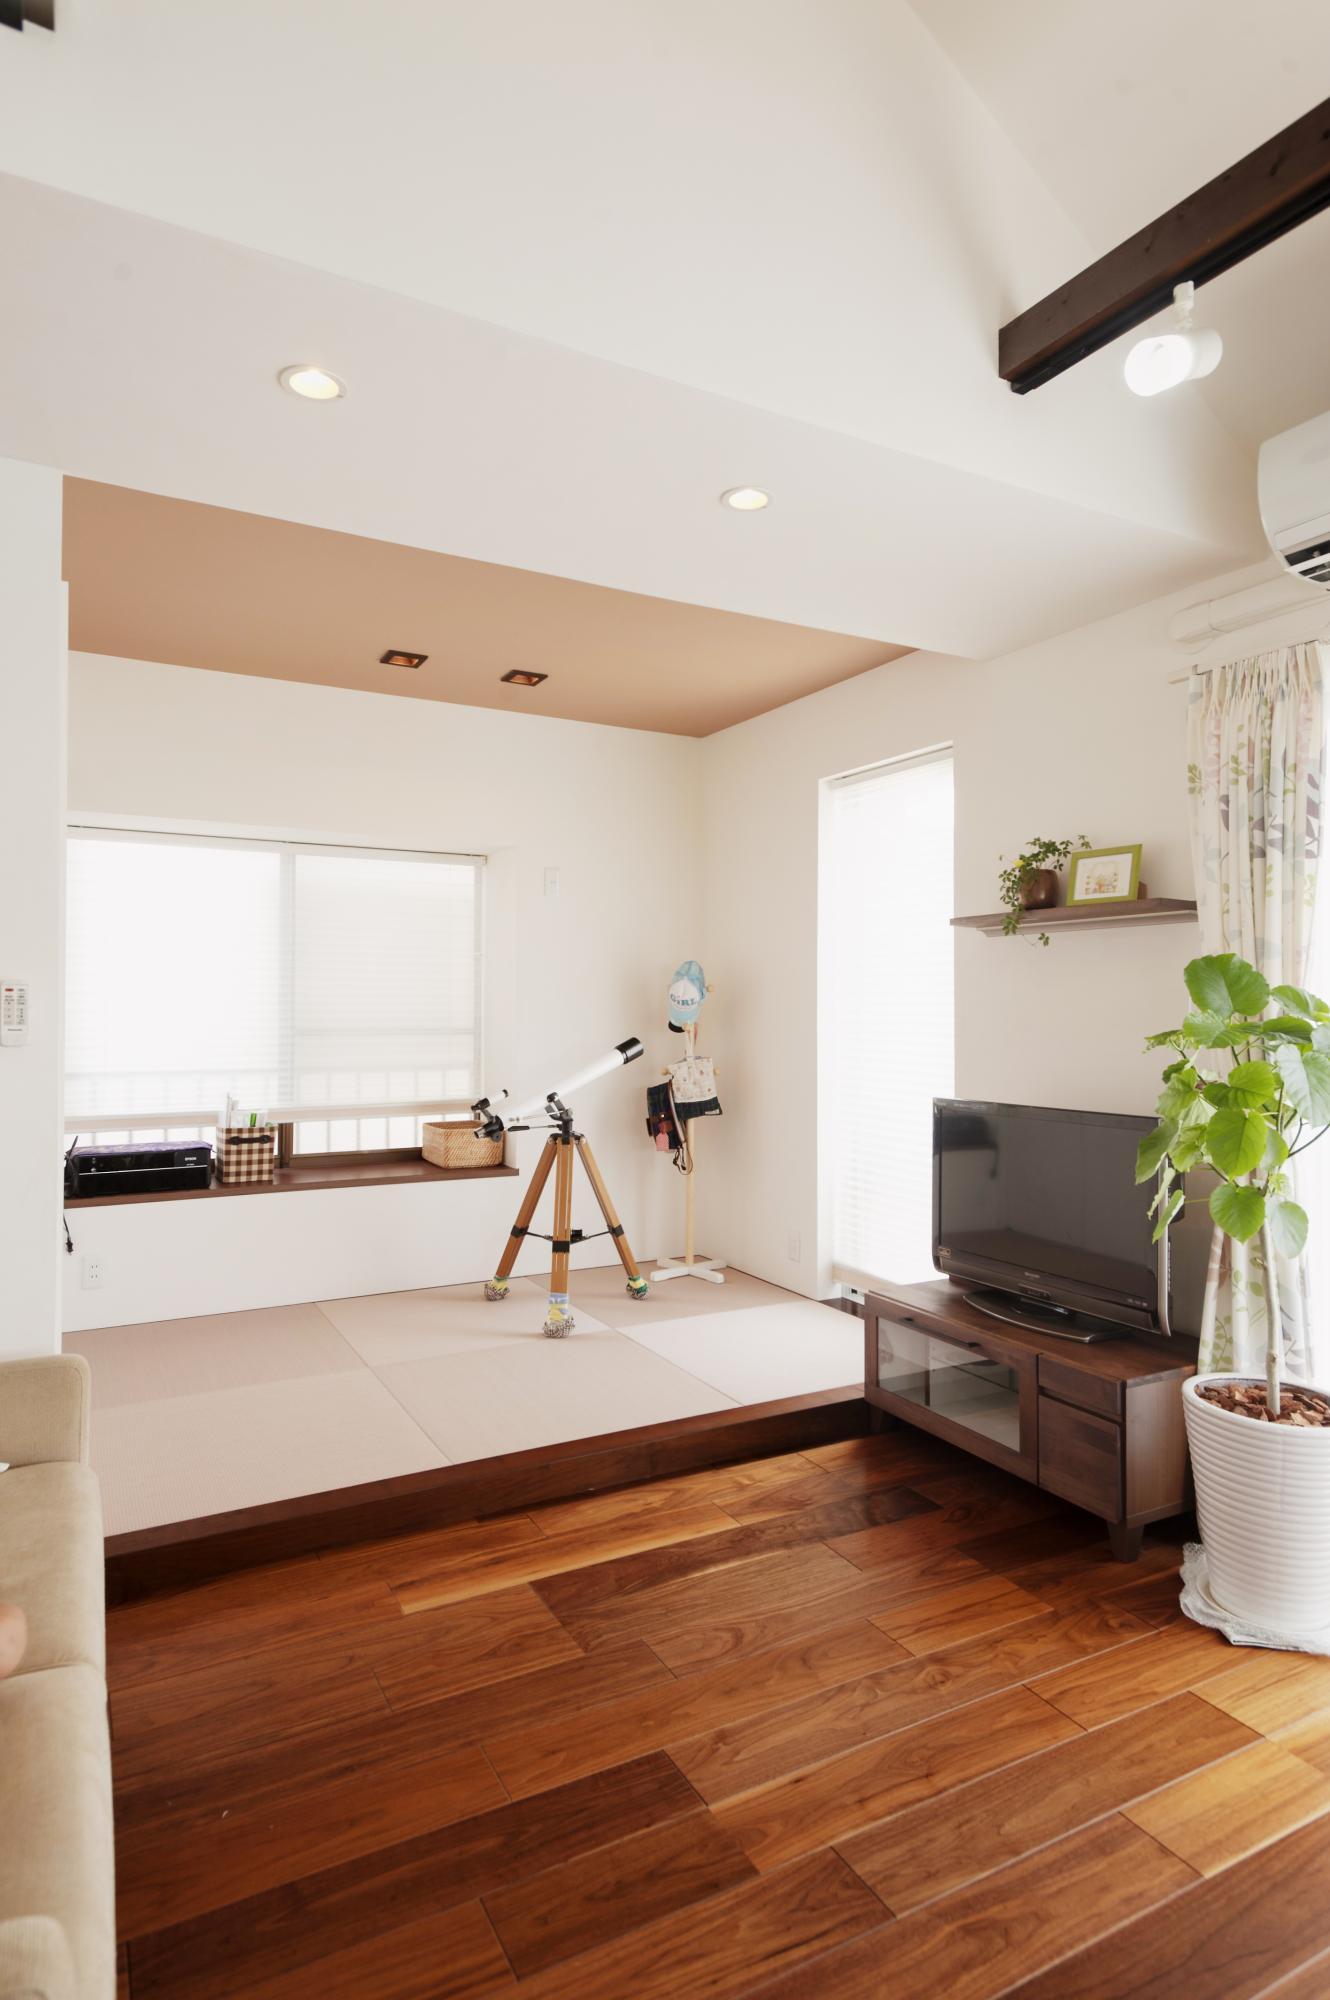 サイズダウンした和室は壁をなくして、LDKの一部になっています。 小さな畳スペースでも使い方は無限です。